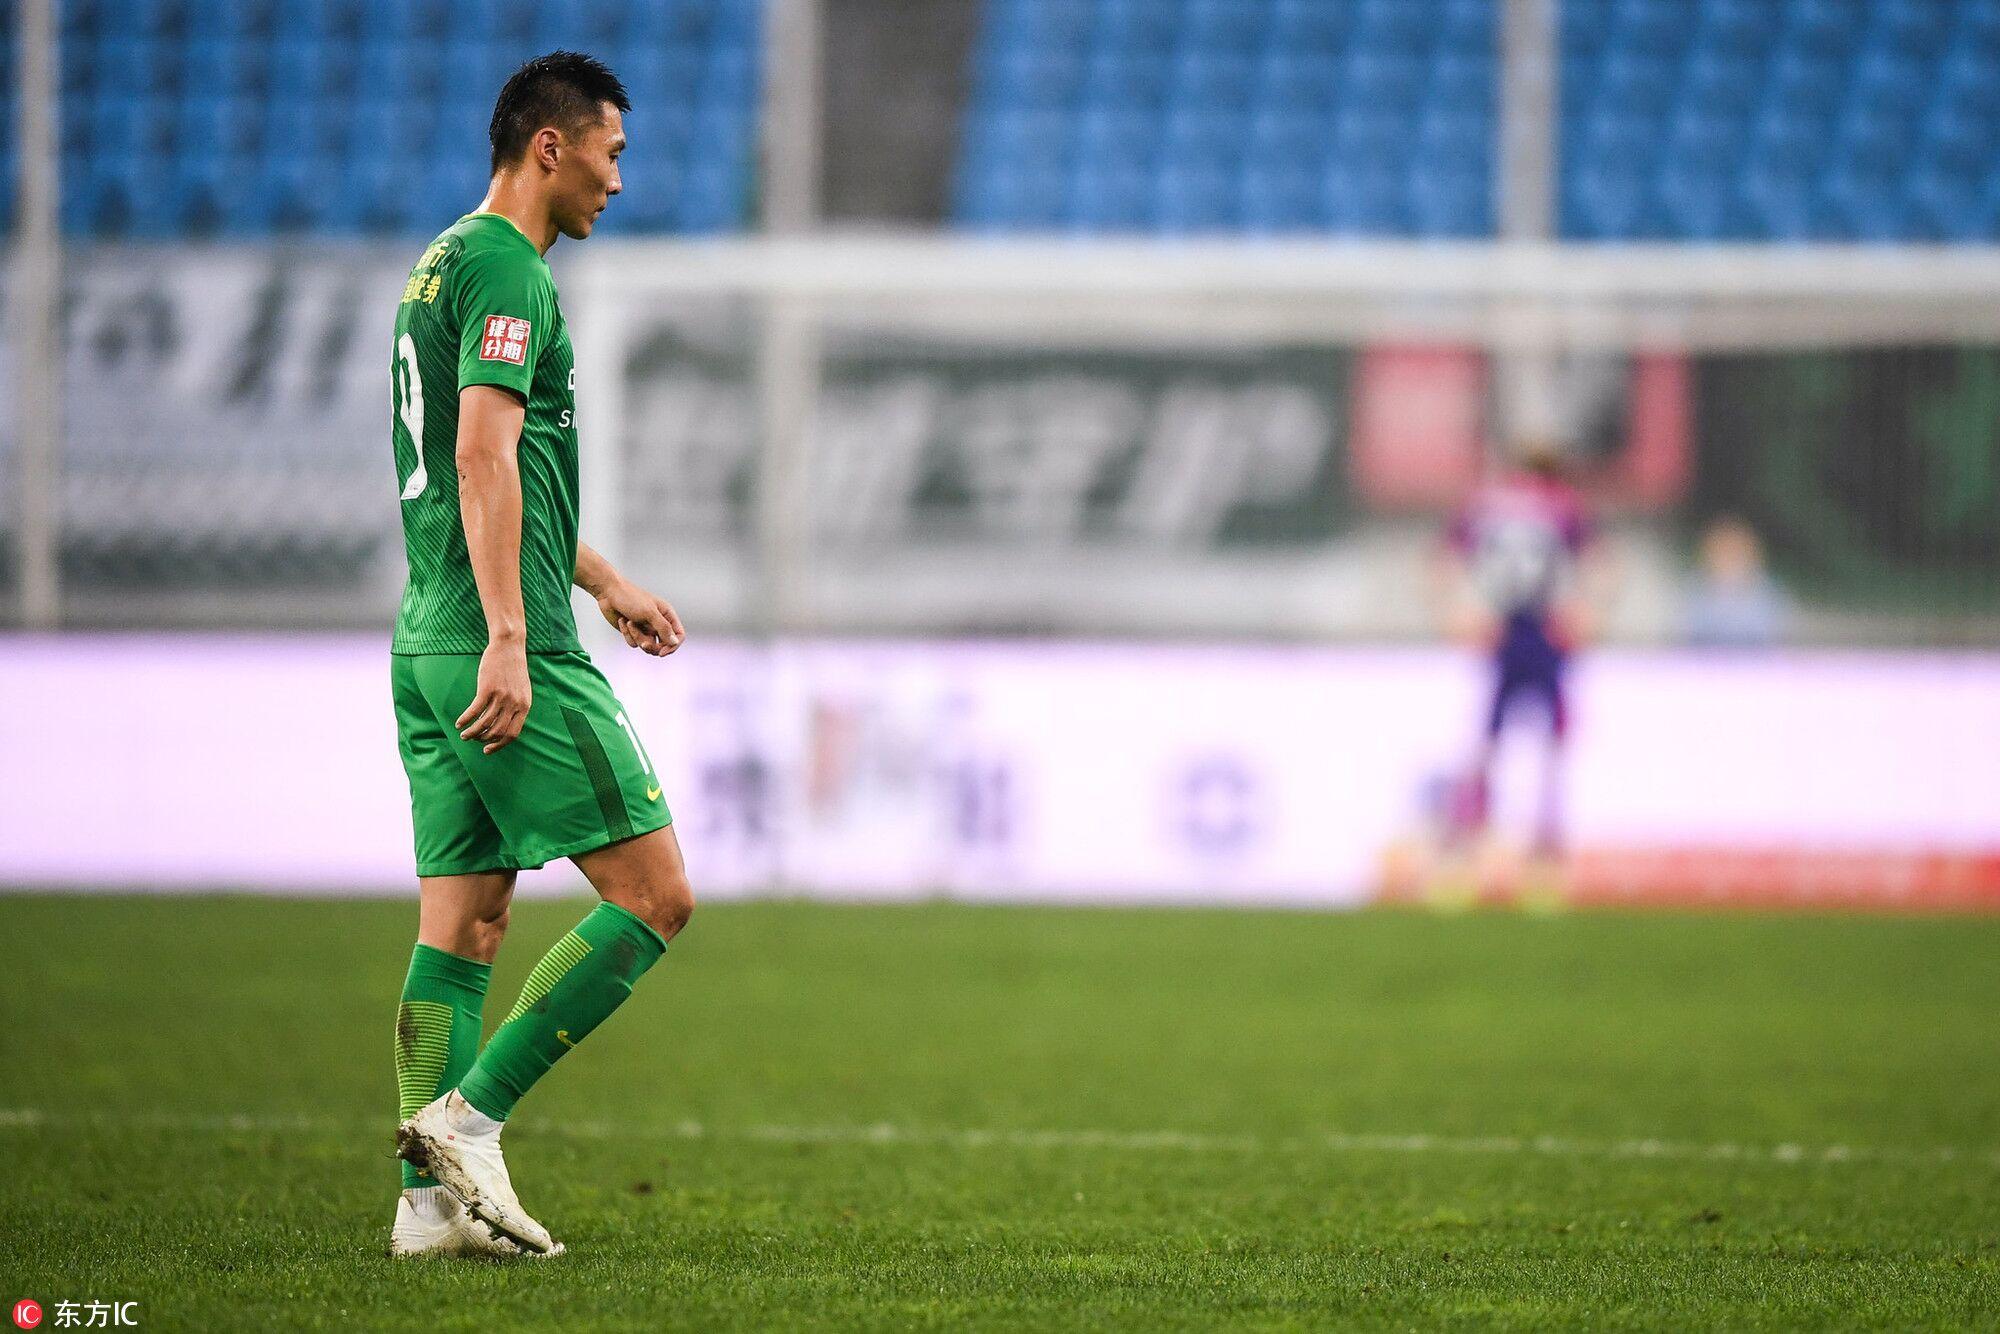 媒体人宋词:于大宝不是徐云龙,他这周都在练中后卫